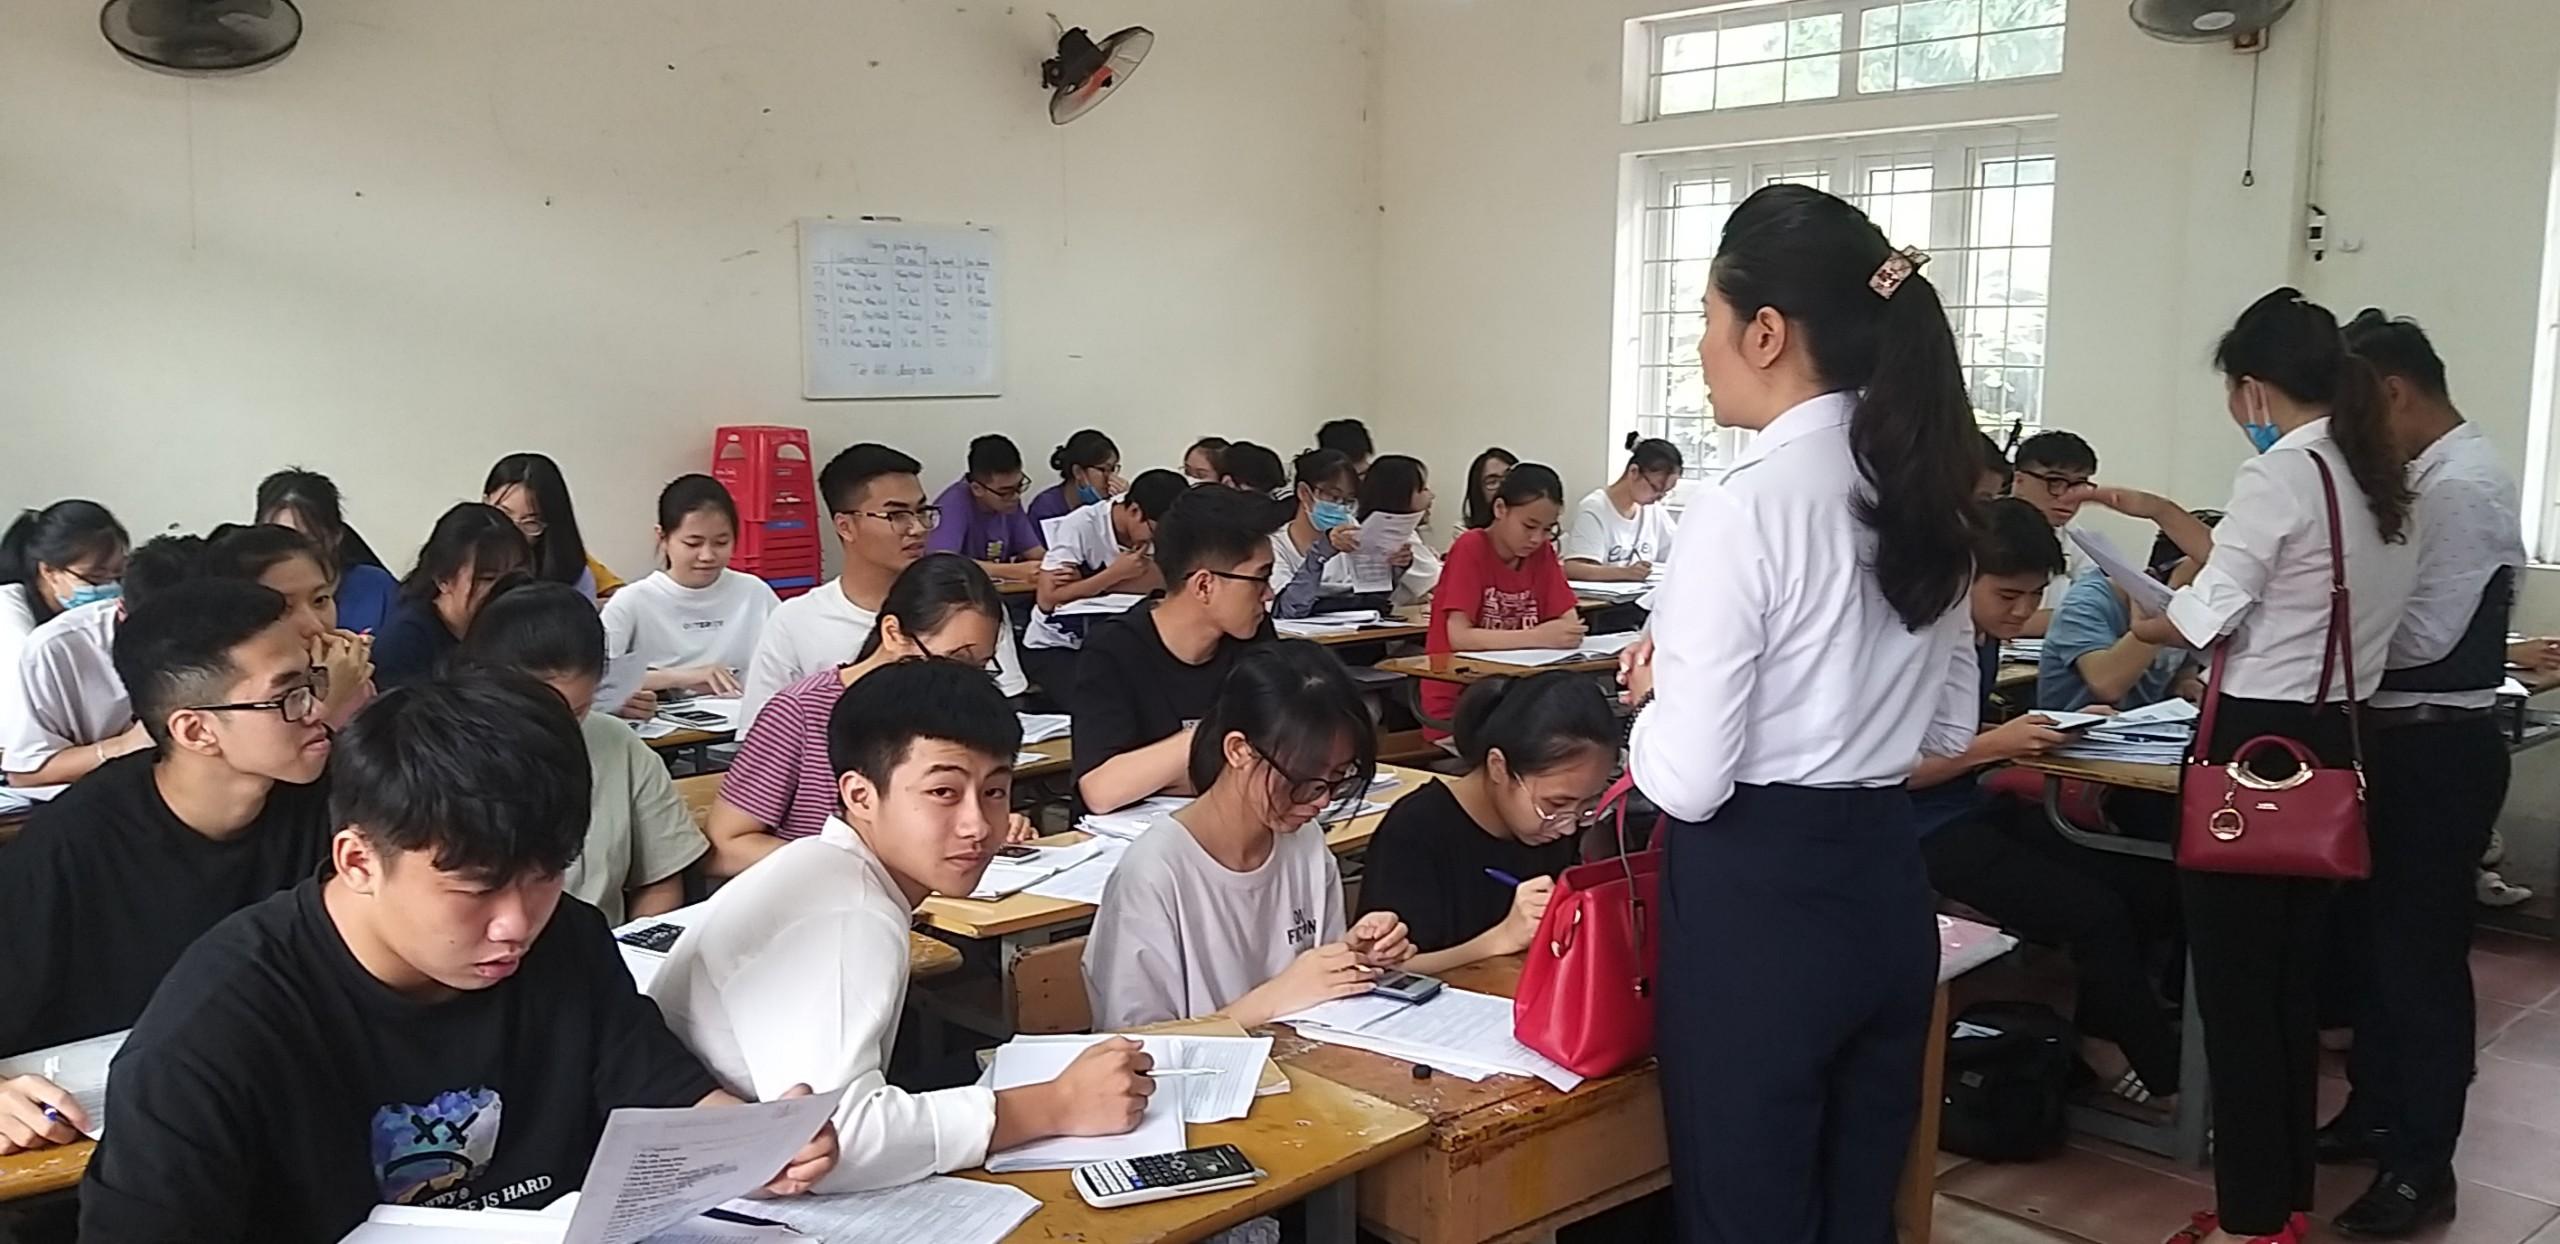 TBan Dự án Đào tạo và Cung ứng Nhân lực Hàng không Nghệ An tiếp tục chủ động định hướng, tư vấn nghề cho các em học sinh